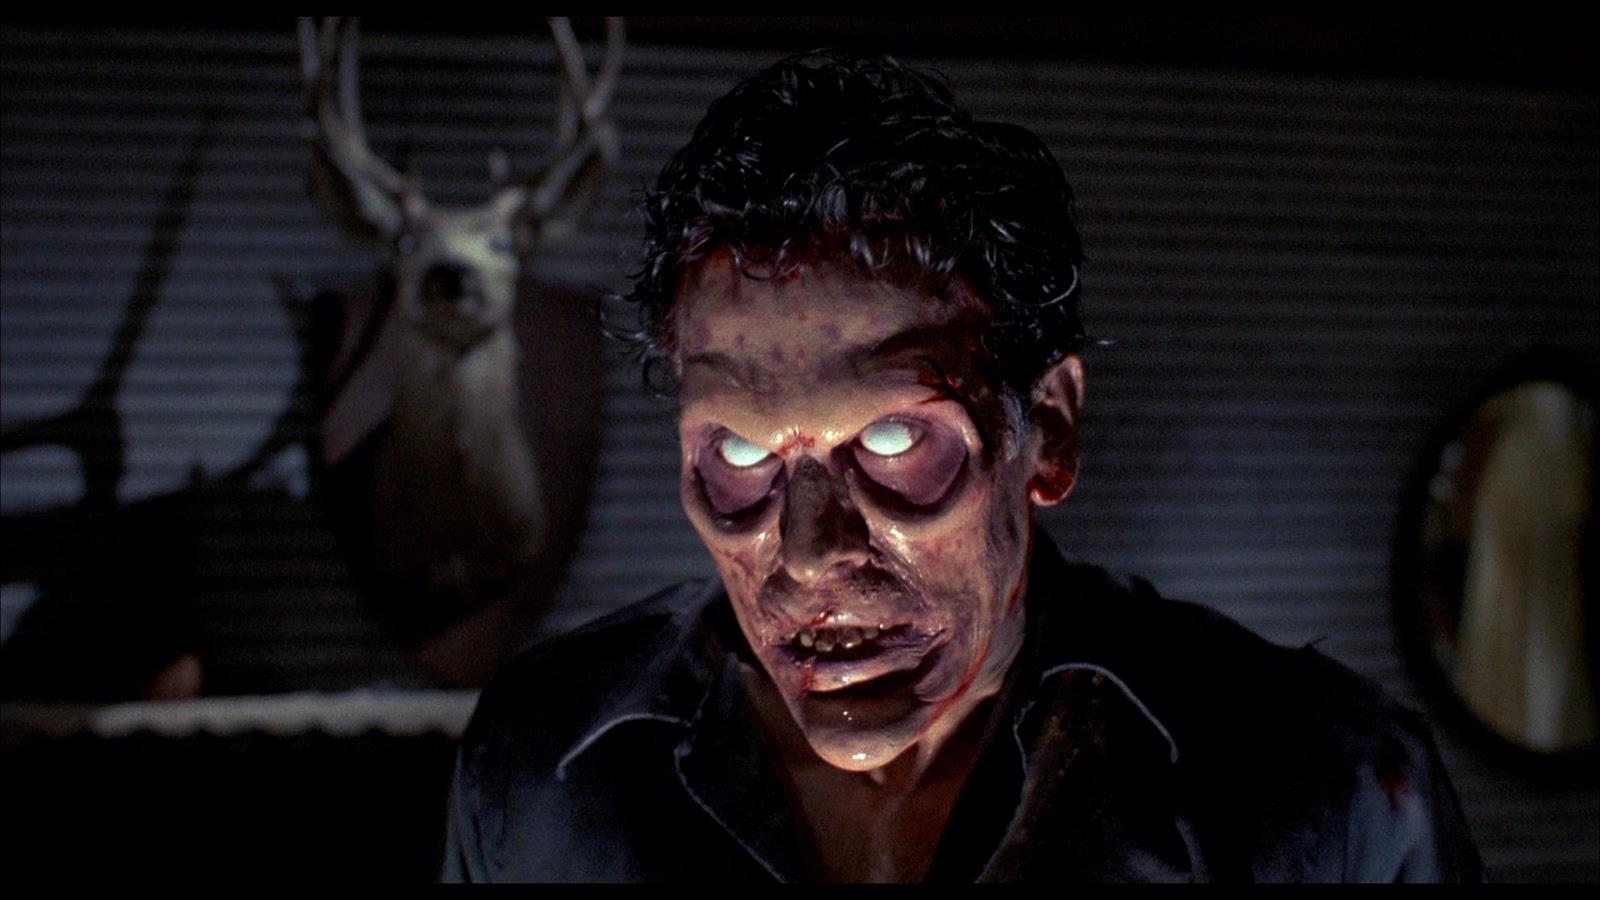 СМИ: HBO Max заказал продолжение «Зловещих мертвецов». Без Эша, но с Кэмпбеллом и Рейми вкачестве продюсеров